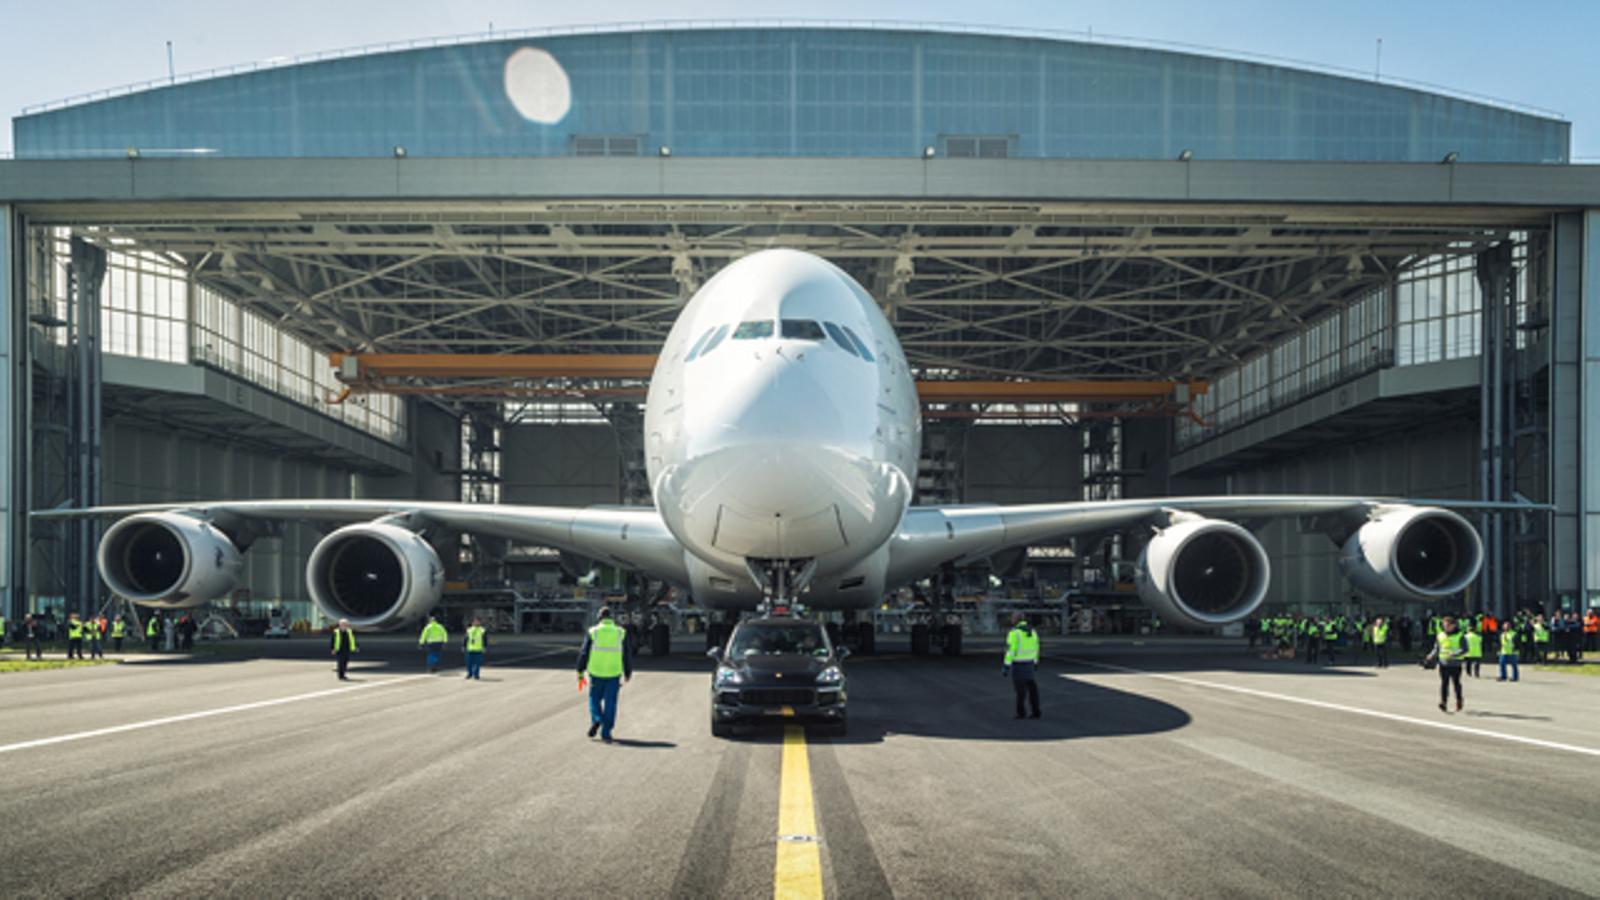 Airbus no fabricarà més l'avió gegant A380 i fa perillar 3.500 llocs de feina